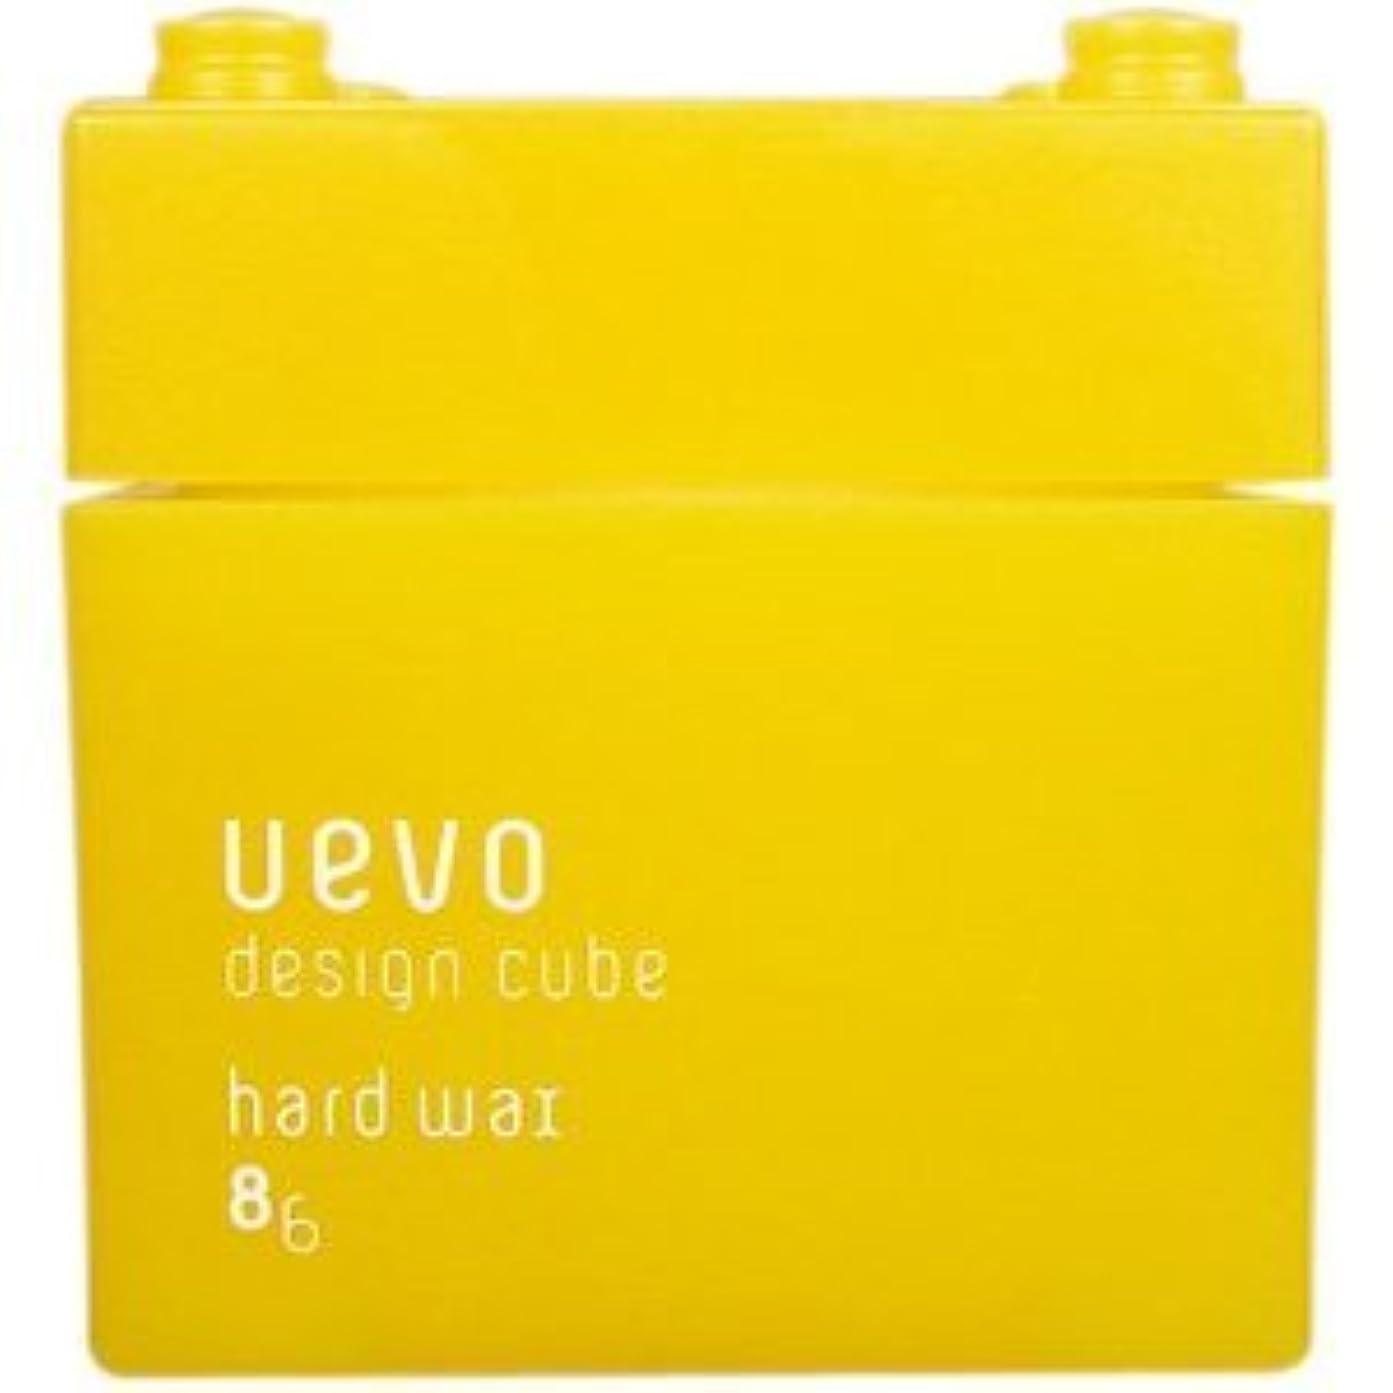 モス提供ローマ人【X3個セット】 デミ ウェーボ デザインキューブ ハードワックス 80g hard wax DEMI uevo design cube